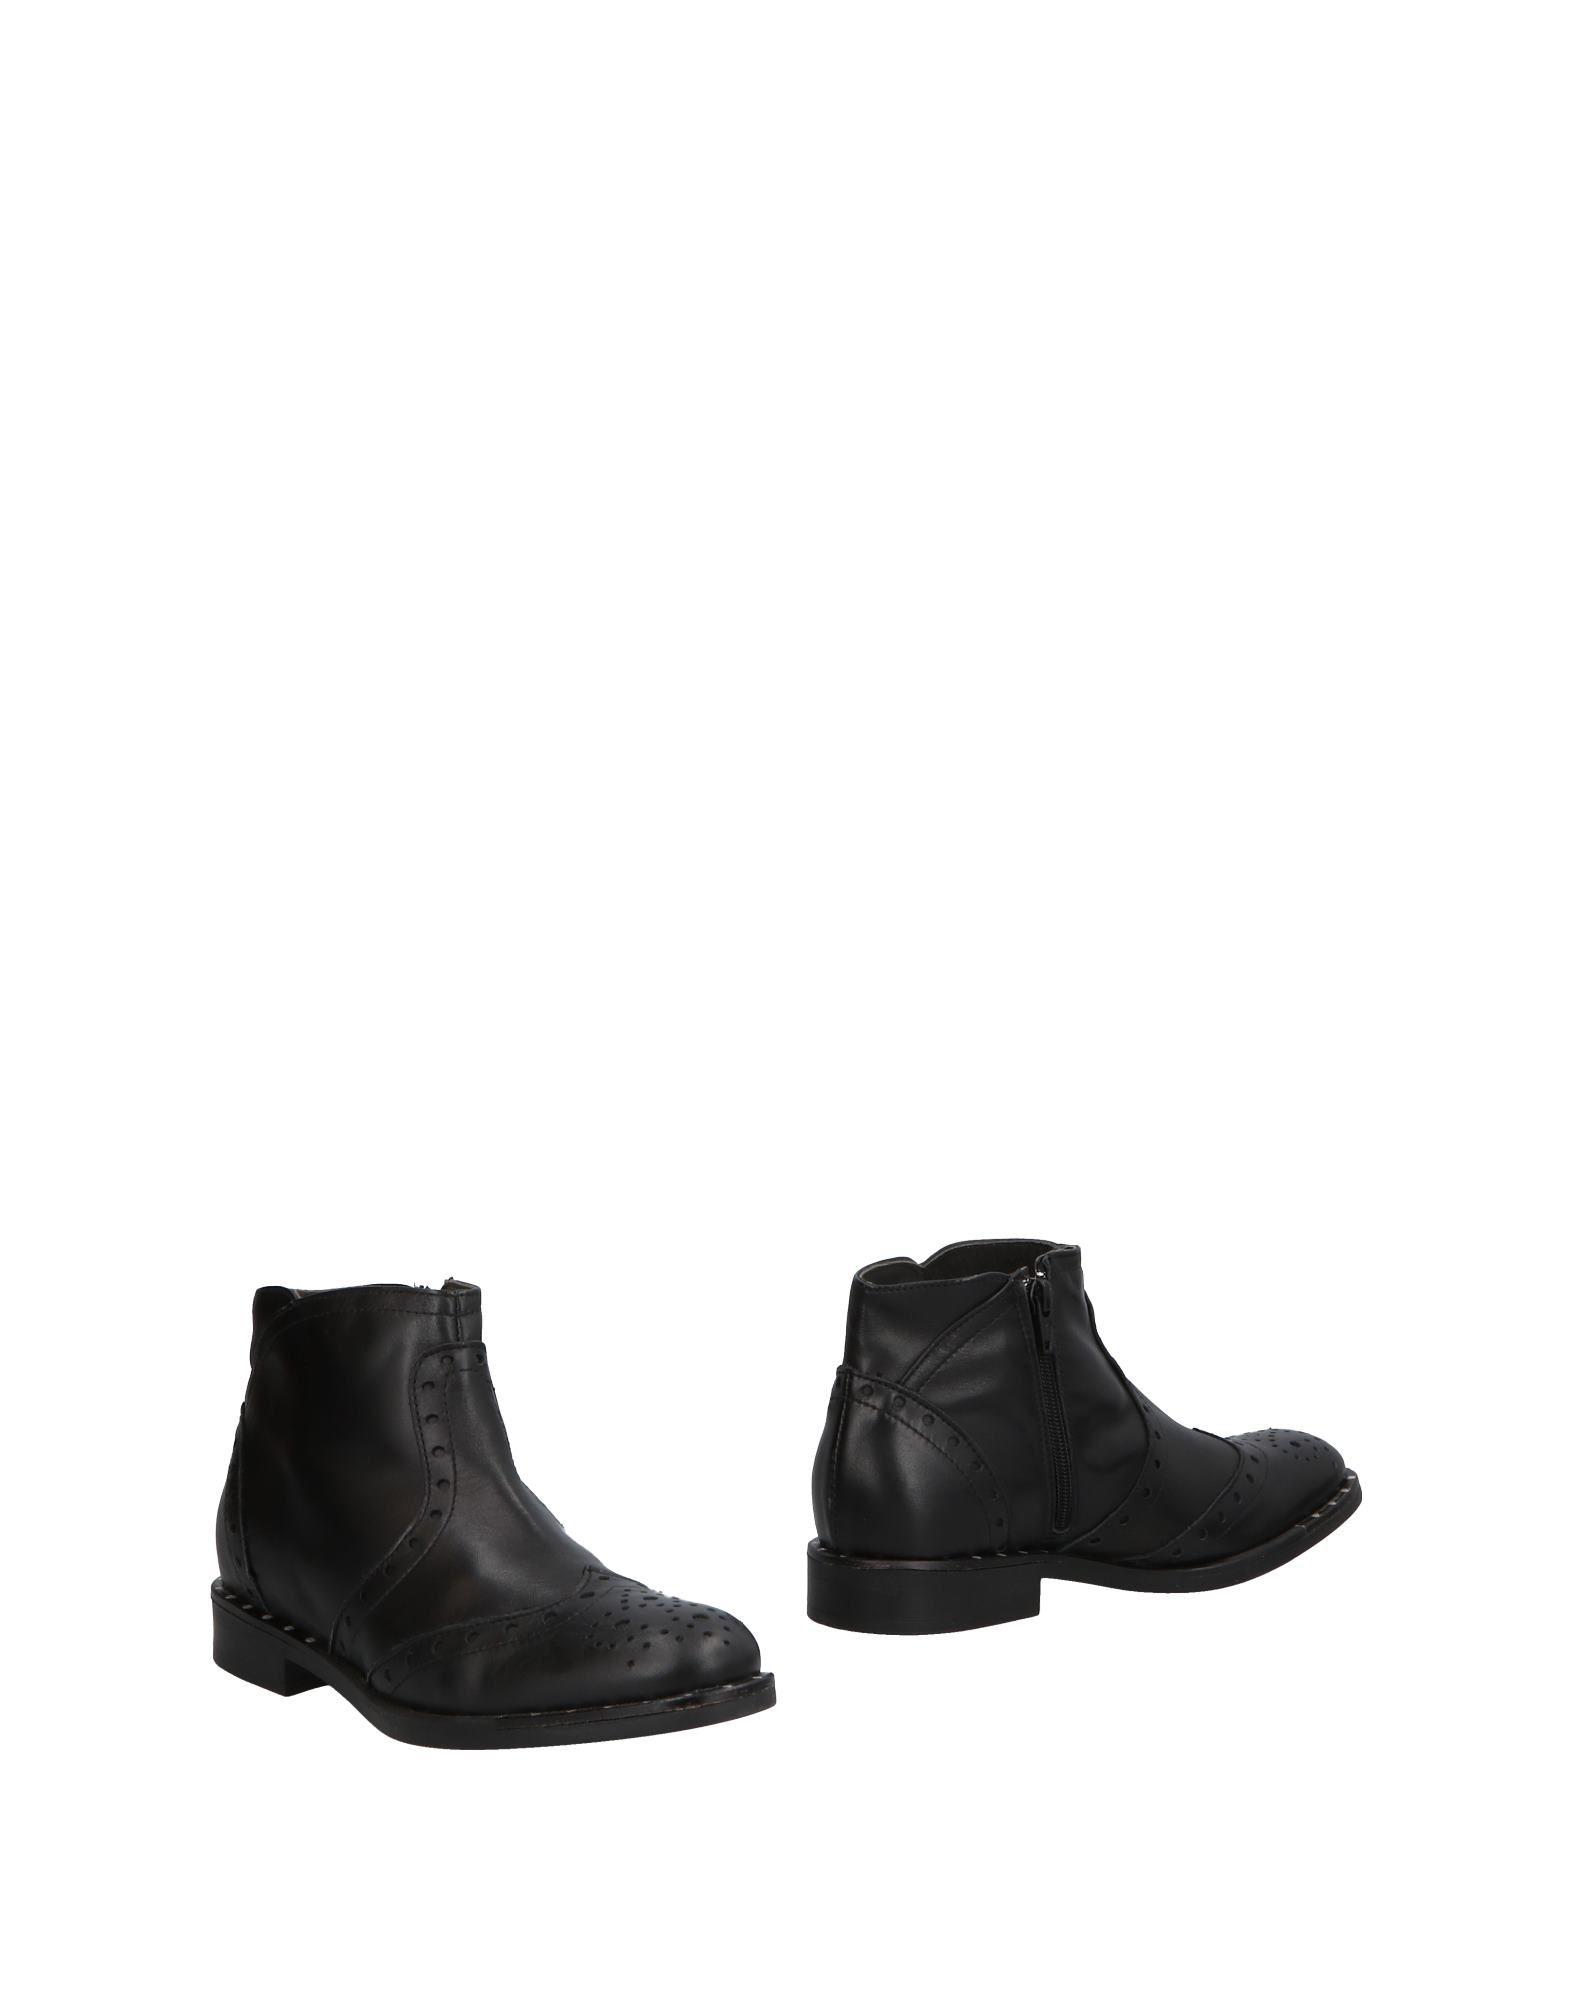 Donna Più Stiefelette Damen  11502896CJ Gute Qualität beliebte Schuhe